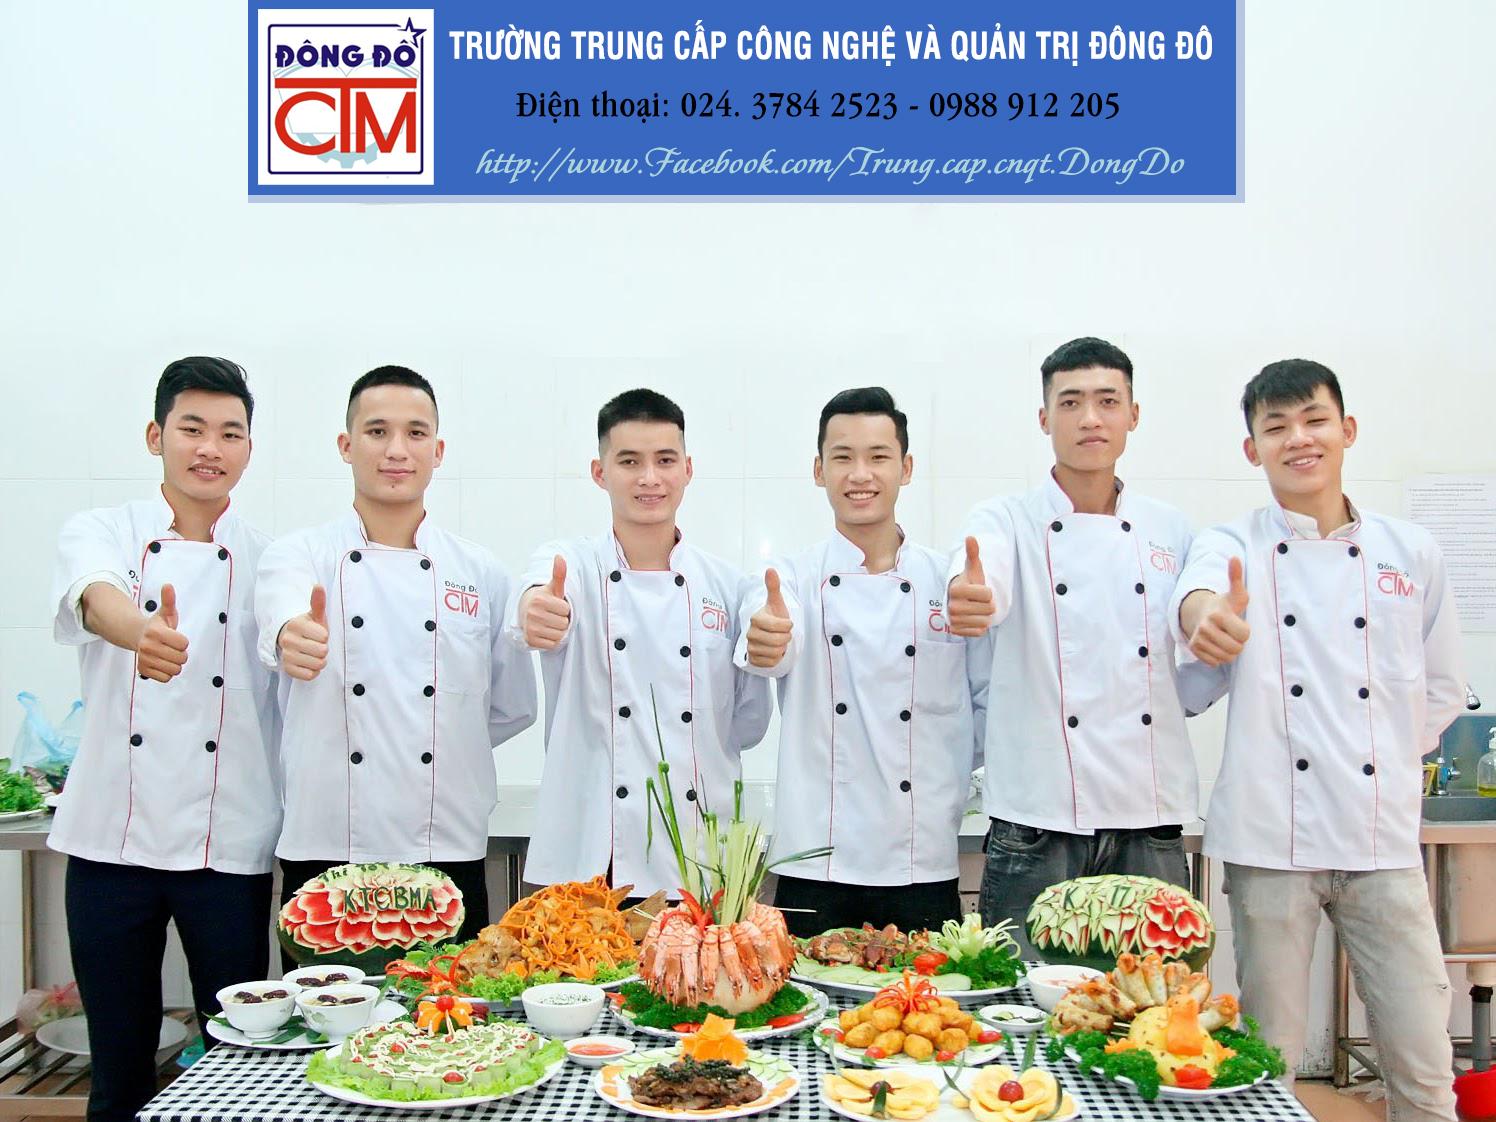 đào tạo trung cấp nấu ăn cấp tốc 8 tháng